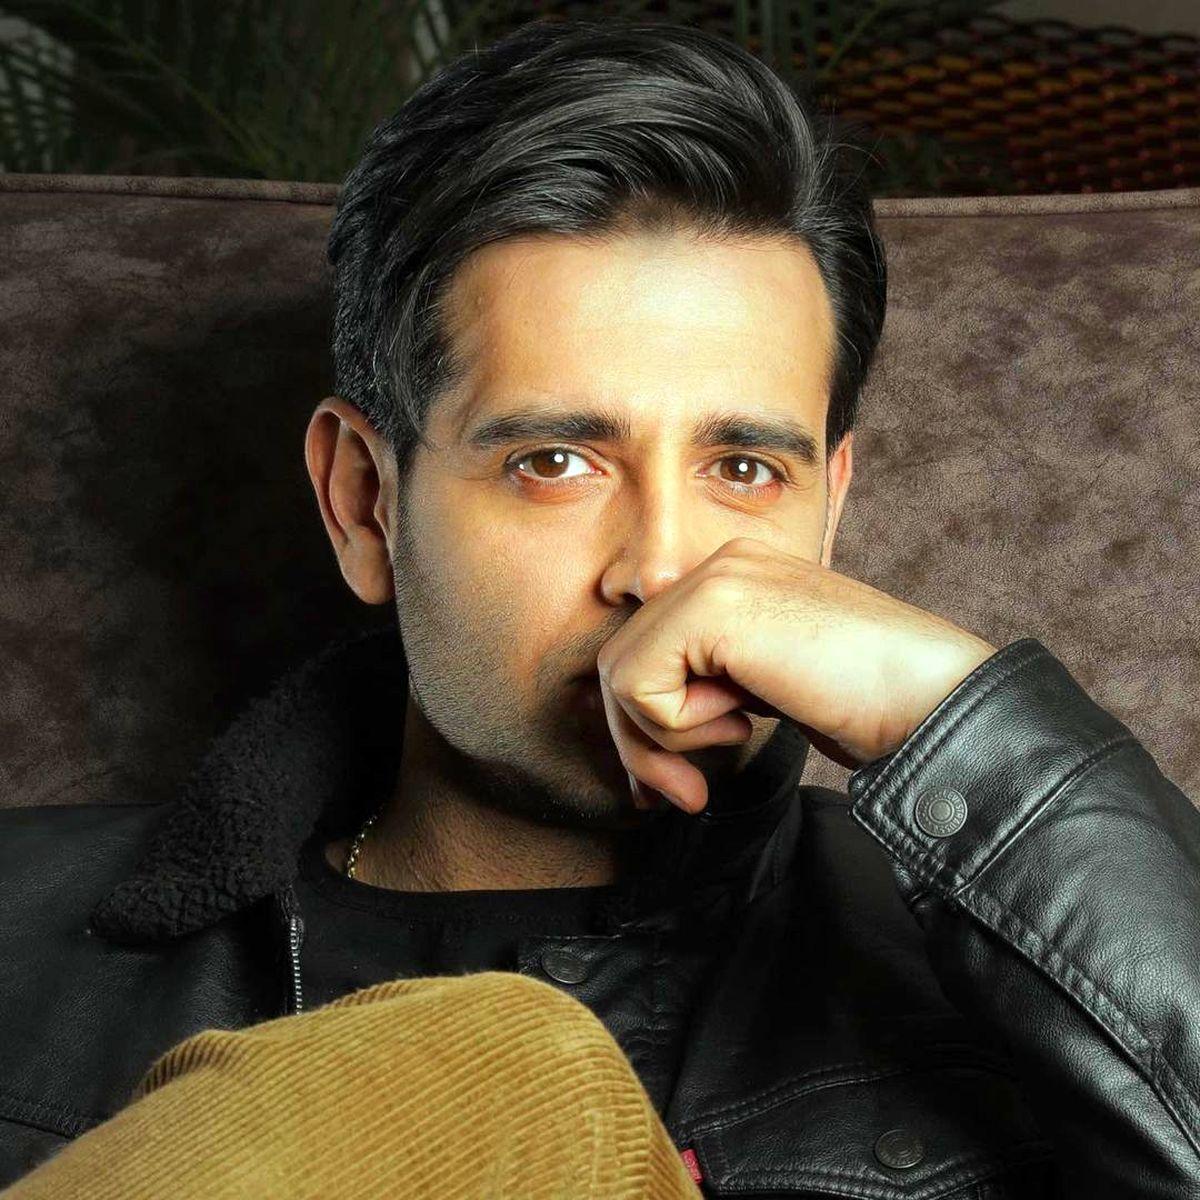 تصویر دوستانه امیرحسین آرمان و بازیگر سریال پریا